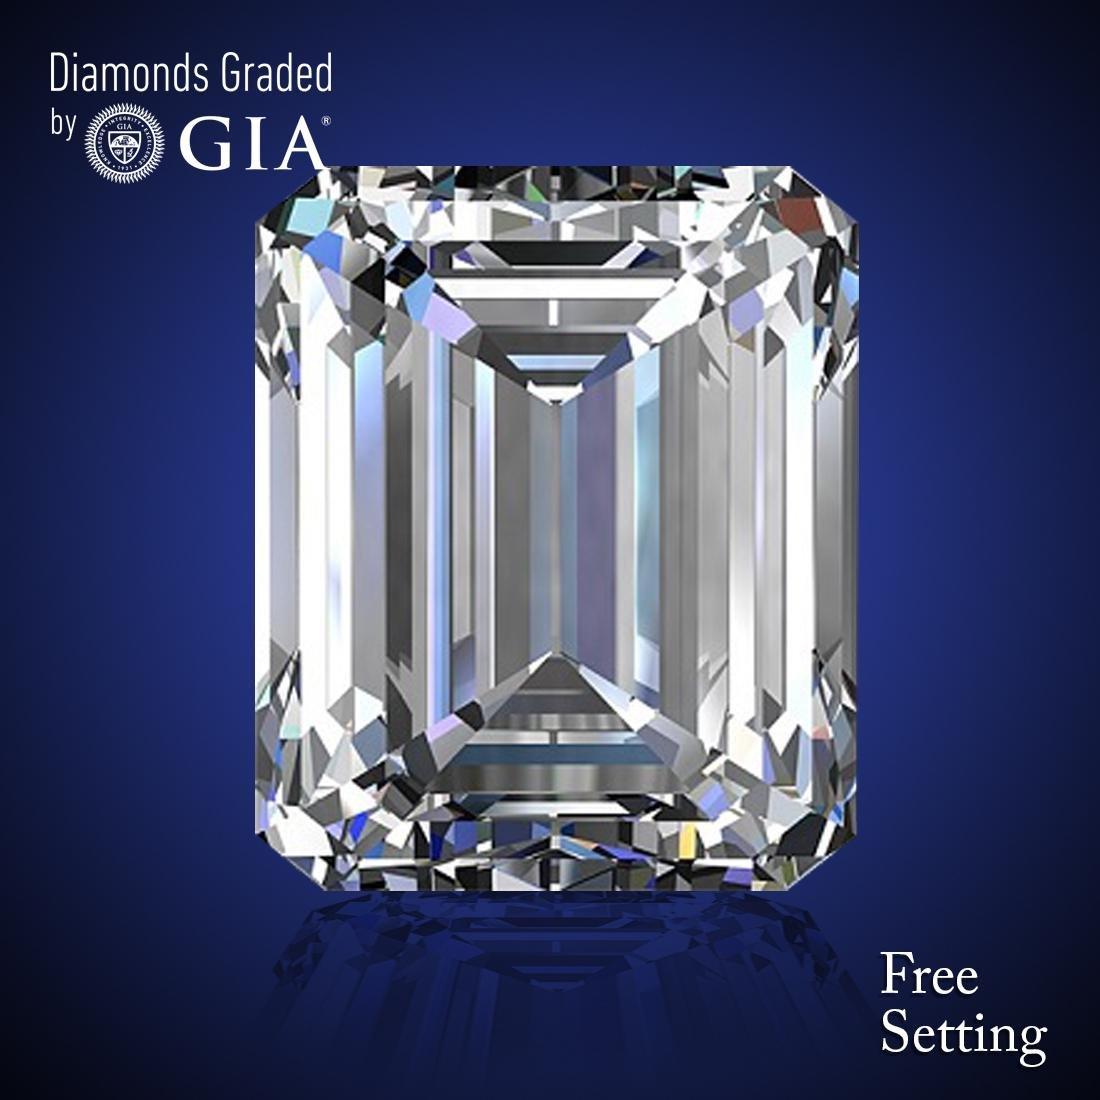 4.01 ct, Color I/VS1, Emerald cut Diamond 43% Off Rap